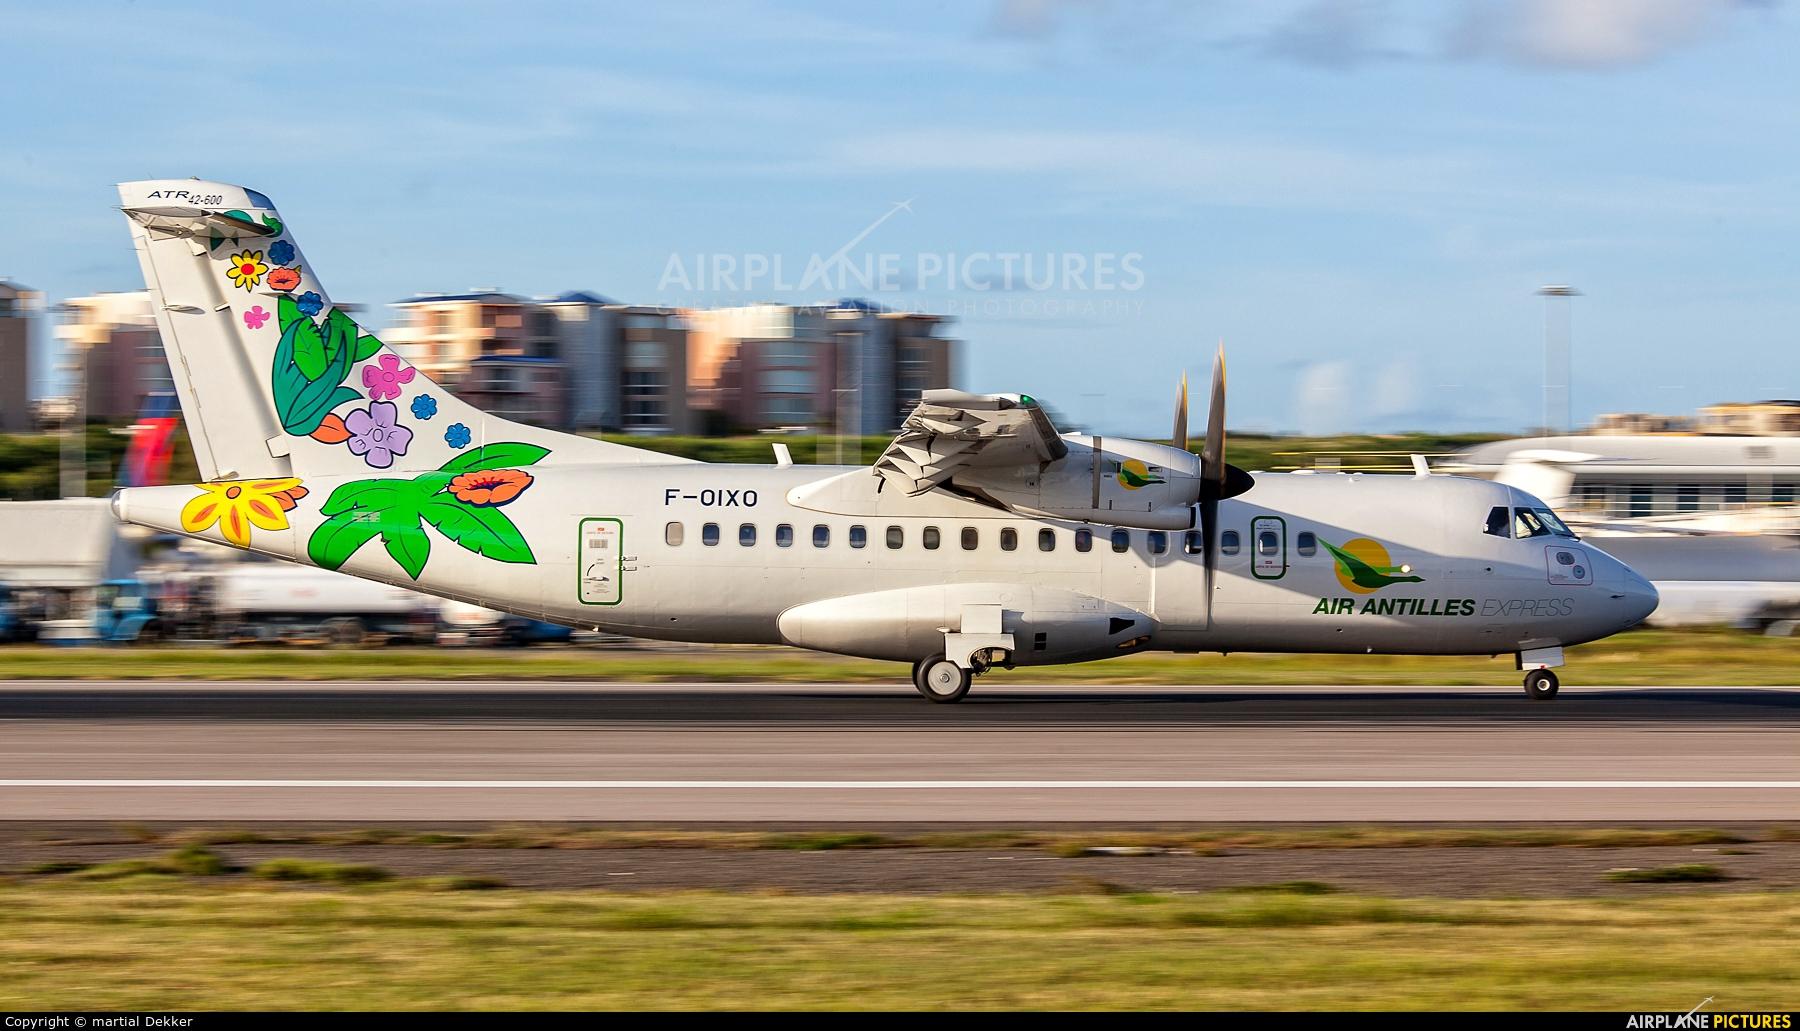 Air Antilles Express F-OIXO aircraft at Sint Maarten - Princess Juliana Intl